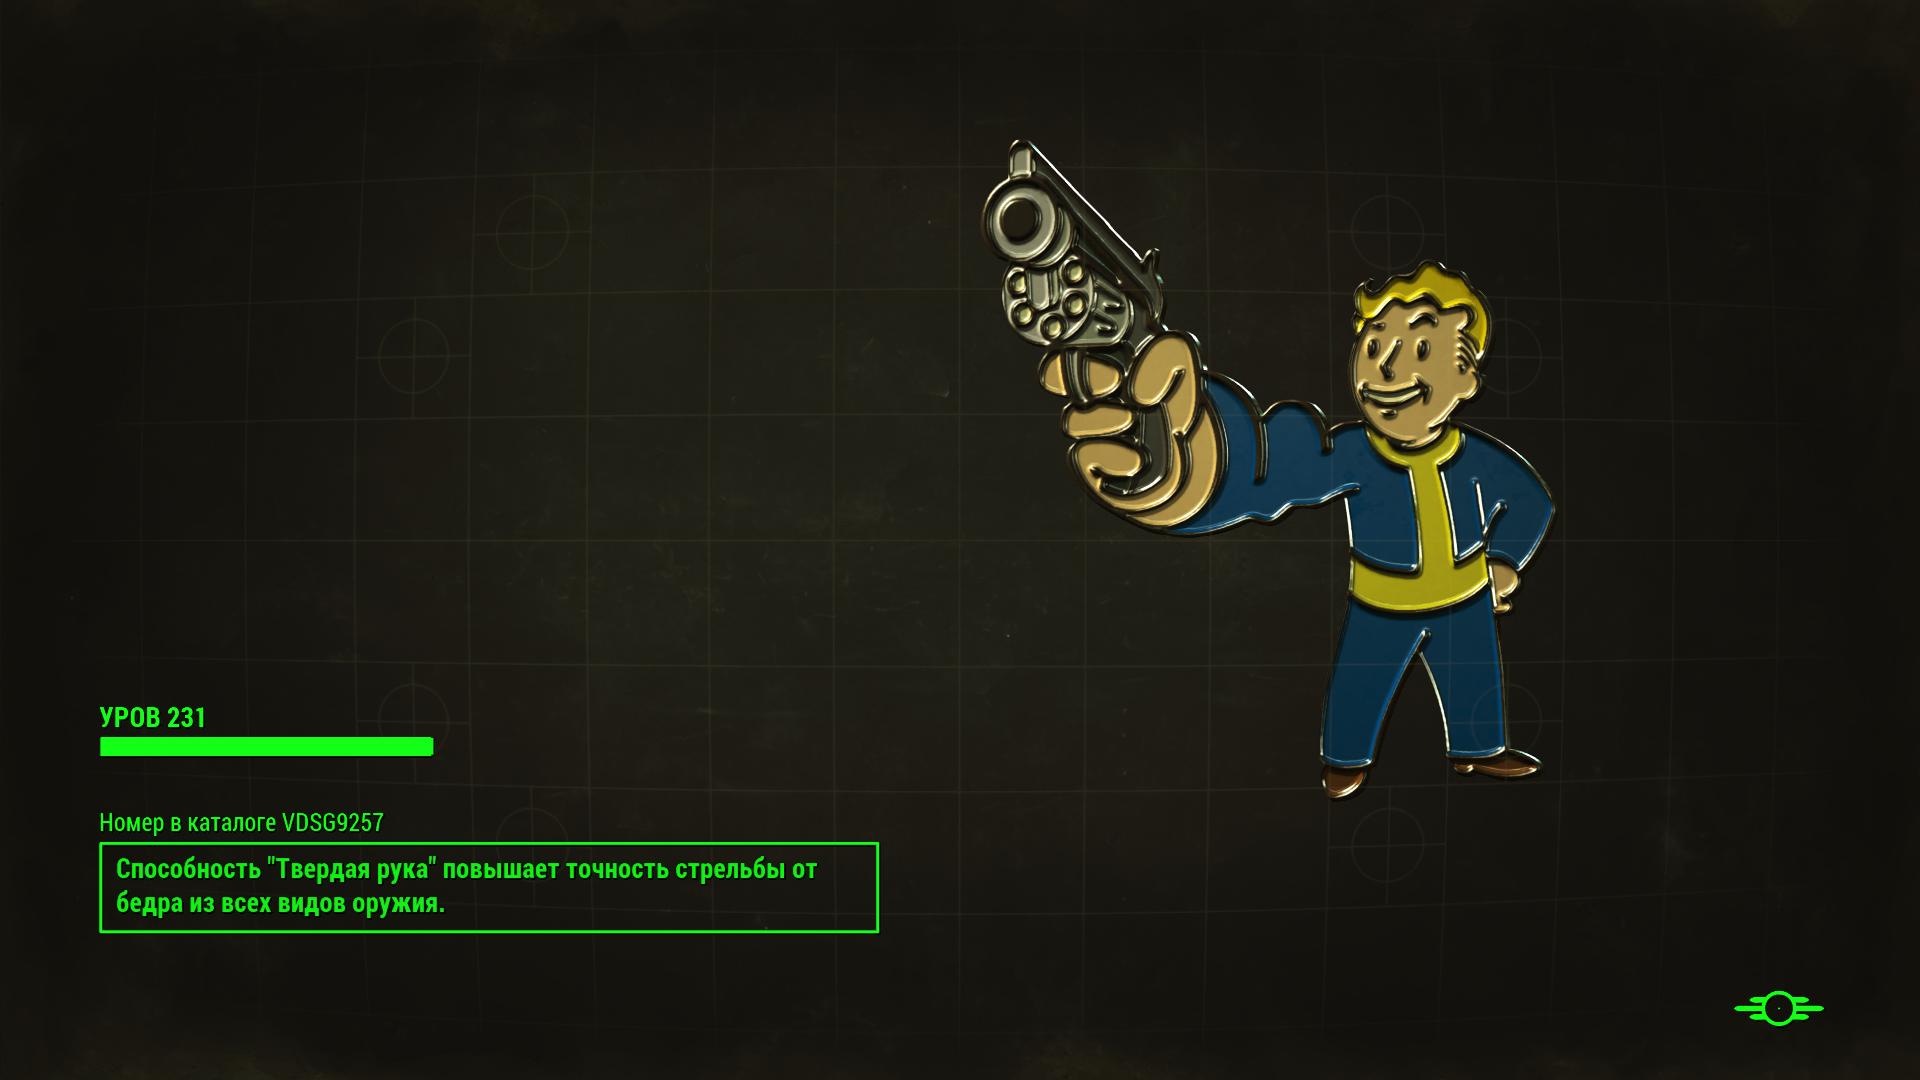 Твёрдая рука (Fallout 4)